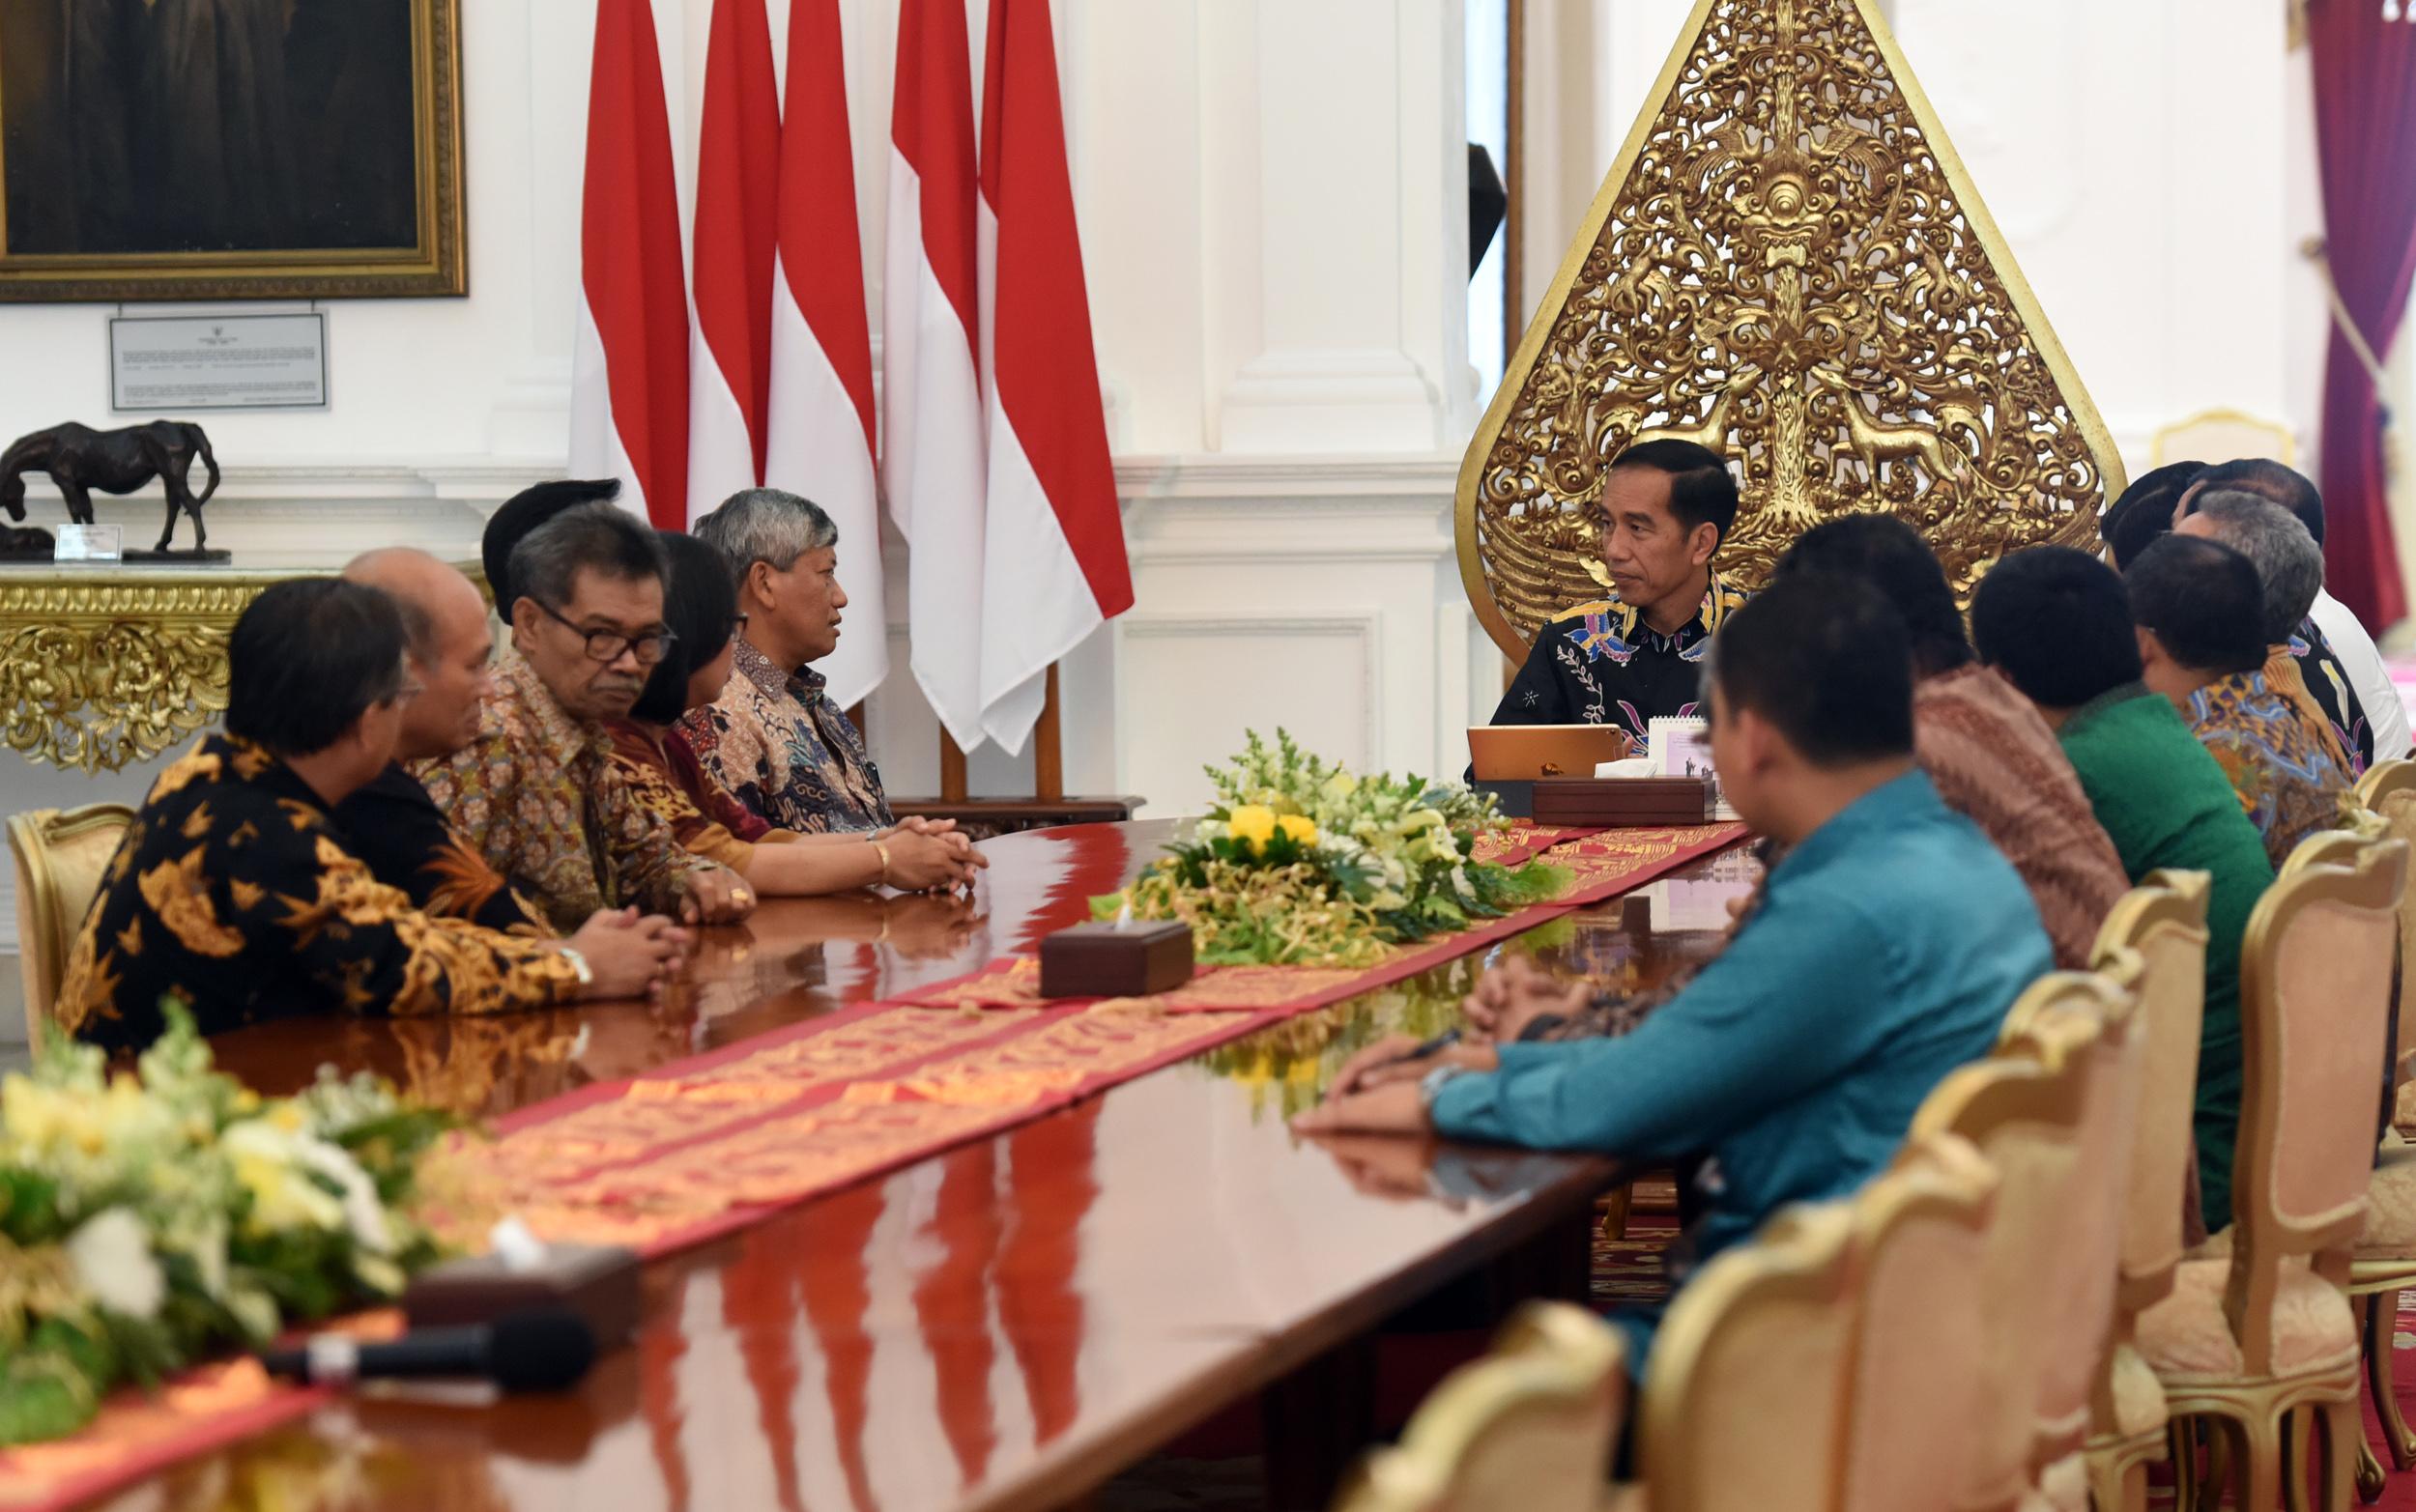 Ketua HKBP Darwin Lumban Tobing usai diterima oleh Presiden Jokowi, di Istana Merdeka, Jakarta, Senin (27/3) siang. (Foto: Humas/Rahmat)